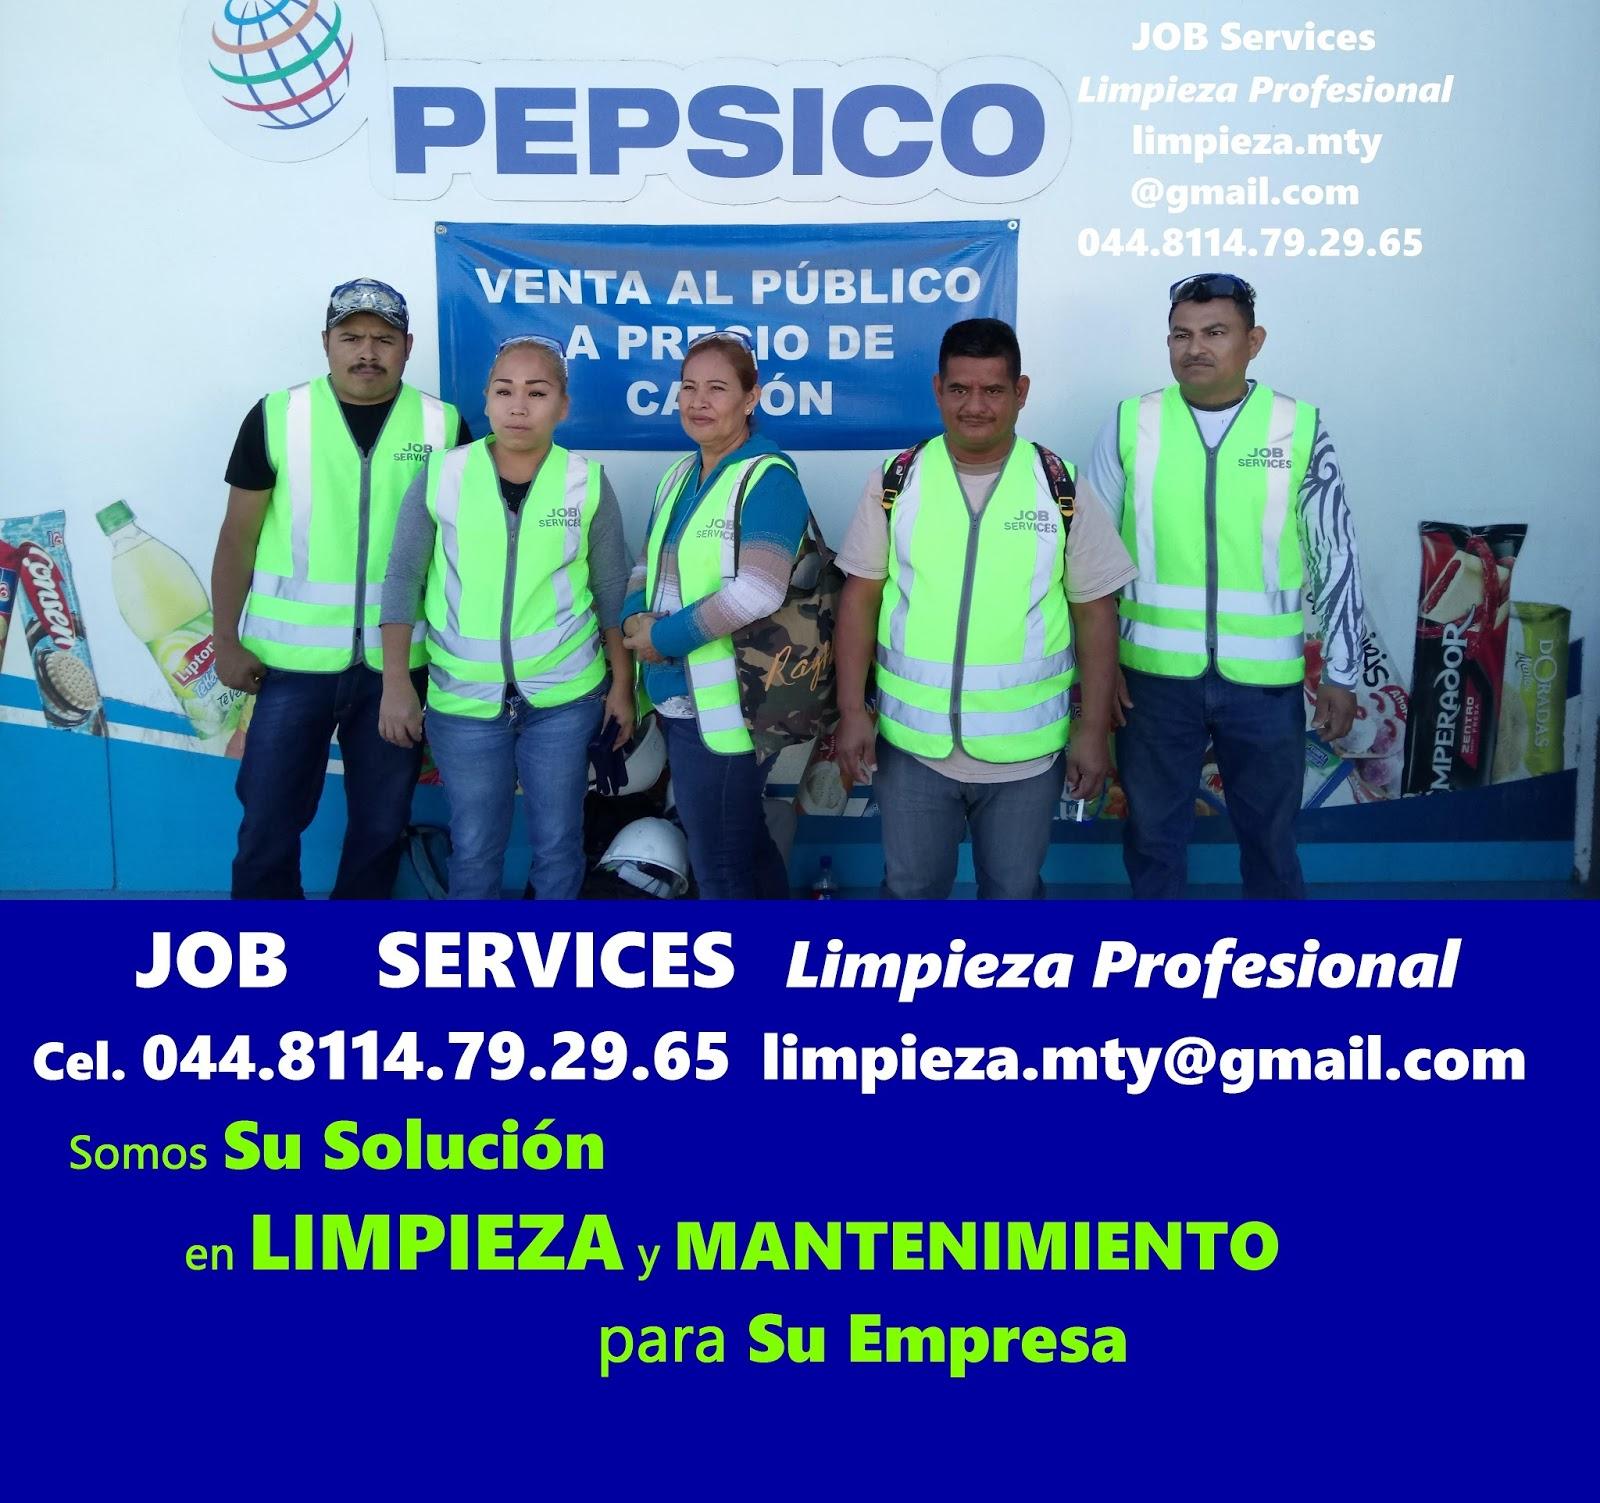 Limpieza Job Services Mty  Servicios de Limpieza Profesional en ... 6ed3c6a0aa134